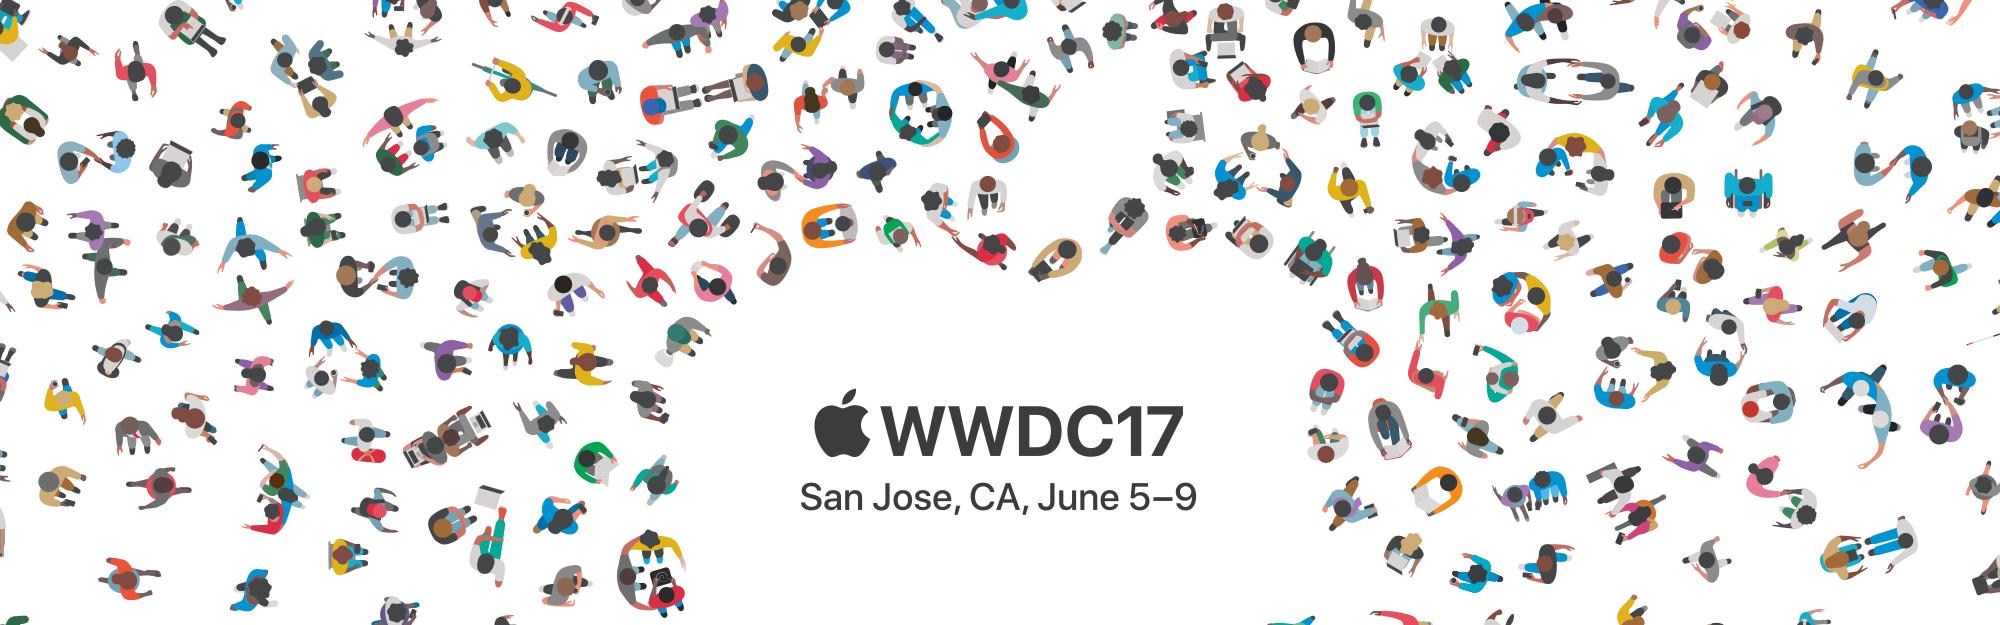 [WWDC 2017] Apple annuncia iOS 11 e altre novità: ARKit, HomePod e il nuovo App Store